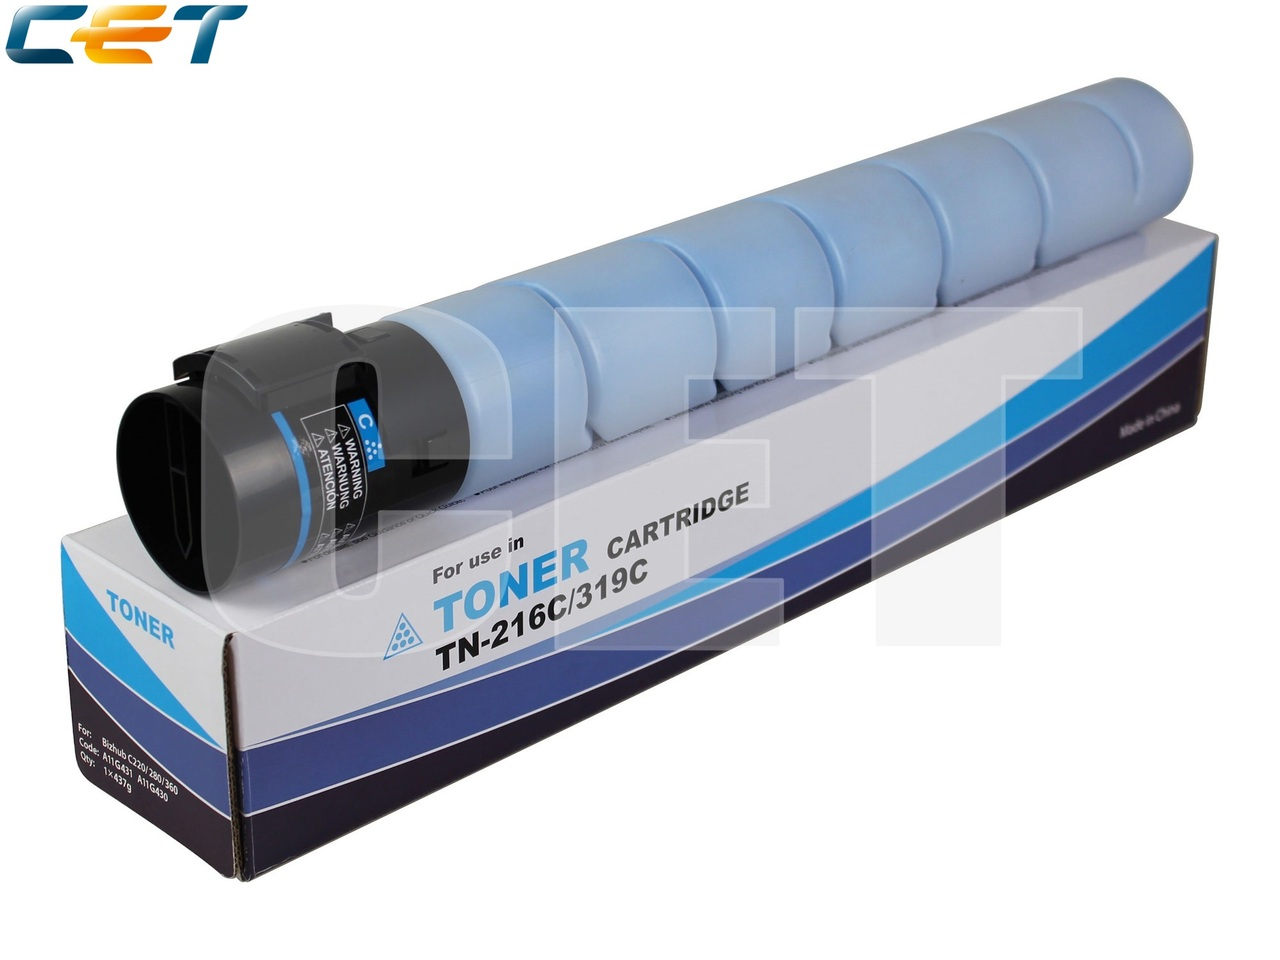 Тонер-картридж (NF5) TN-216C/319C для KONICA MINOLTABizhub C220/C280/C360 (CET) Cyan, 437г, 26000 стр., CET6840